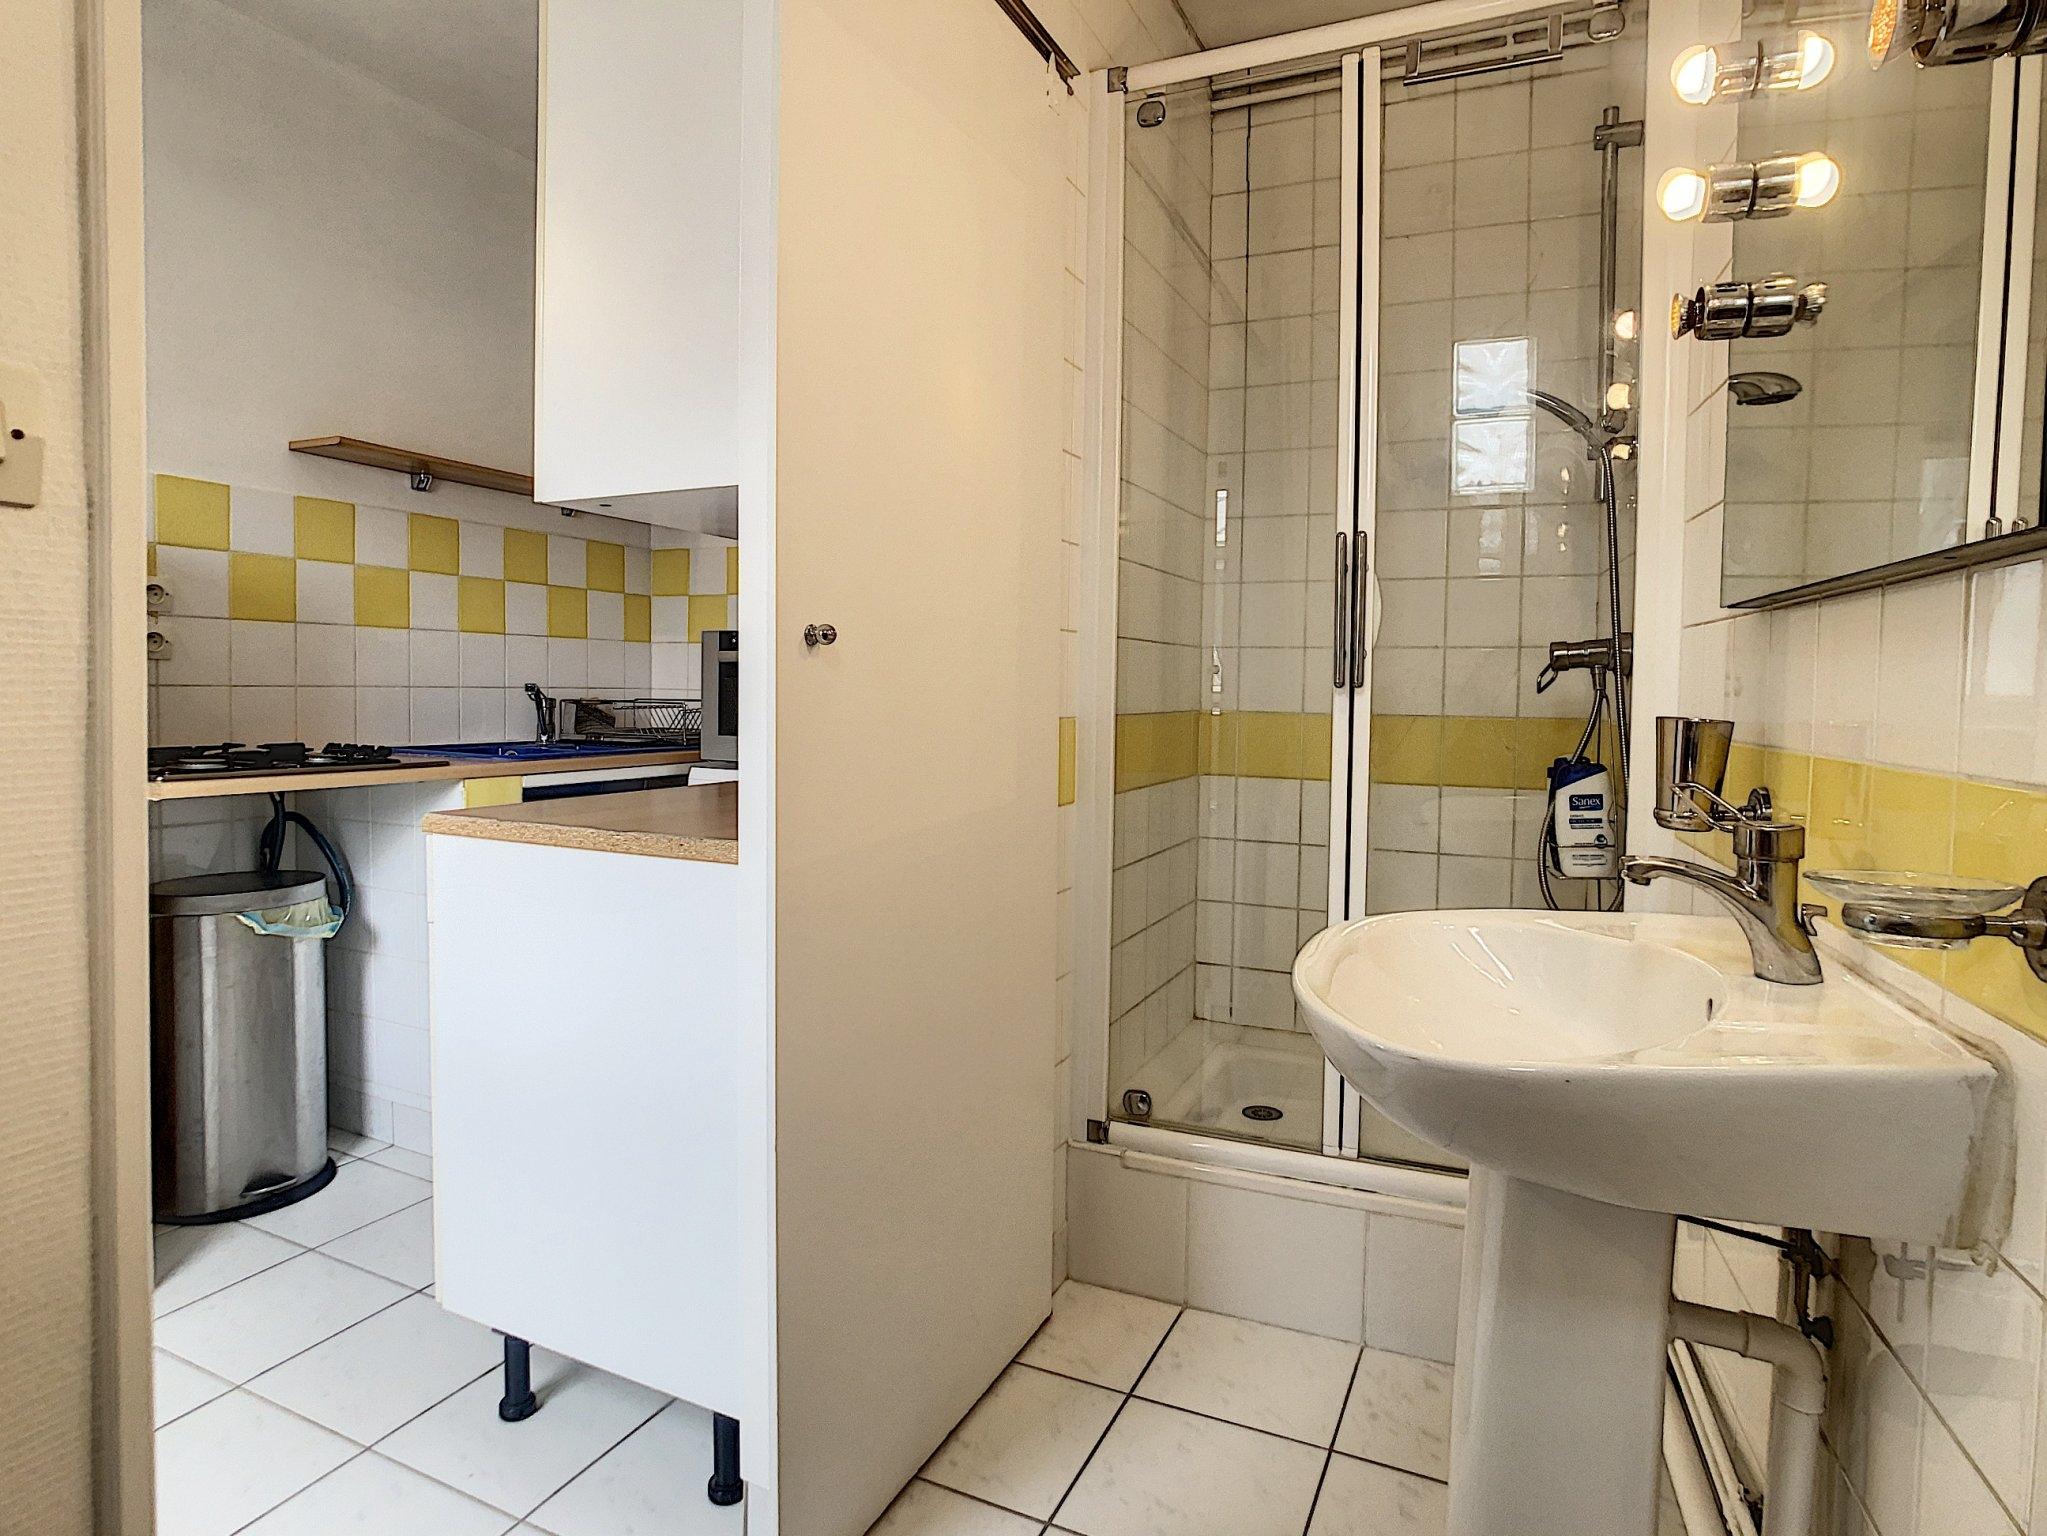 Appartement Reims 2 Pièces 48.5 m2 - 7